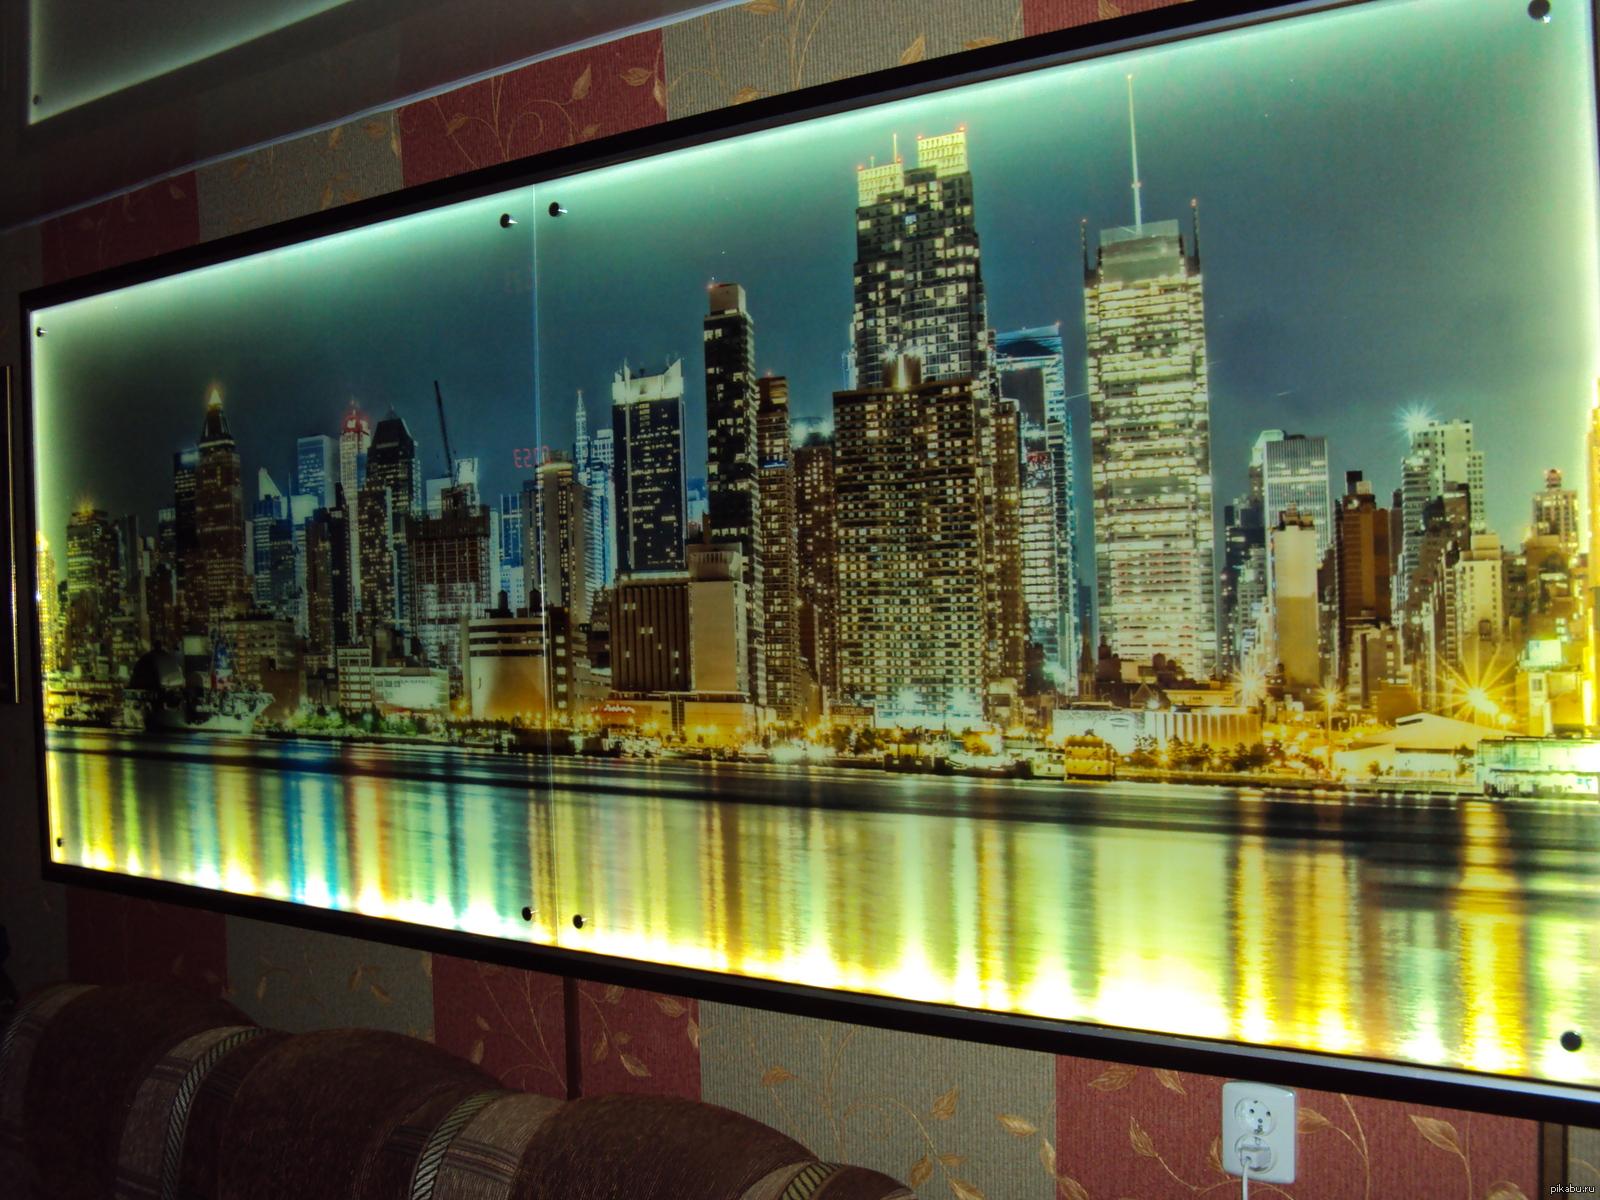 подсветка стен с фотопечатью продолжении темы